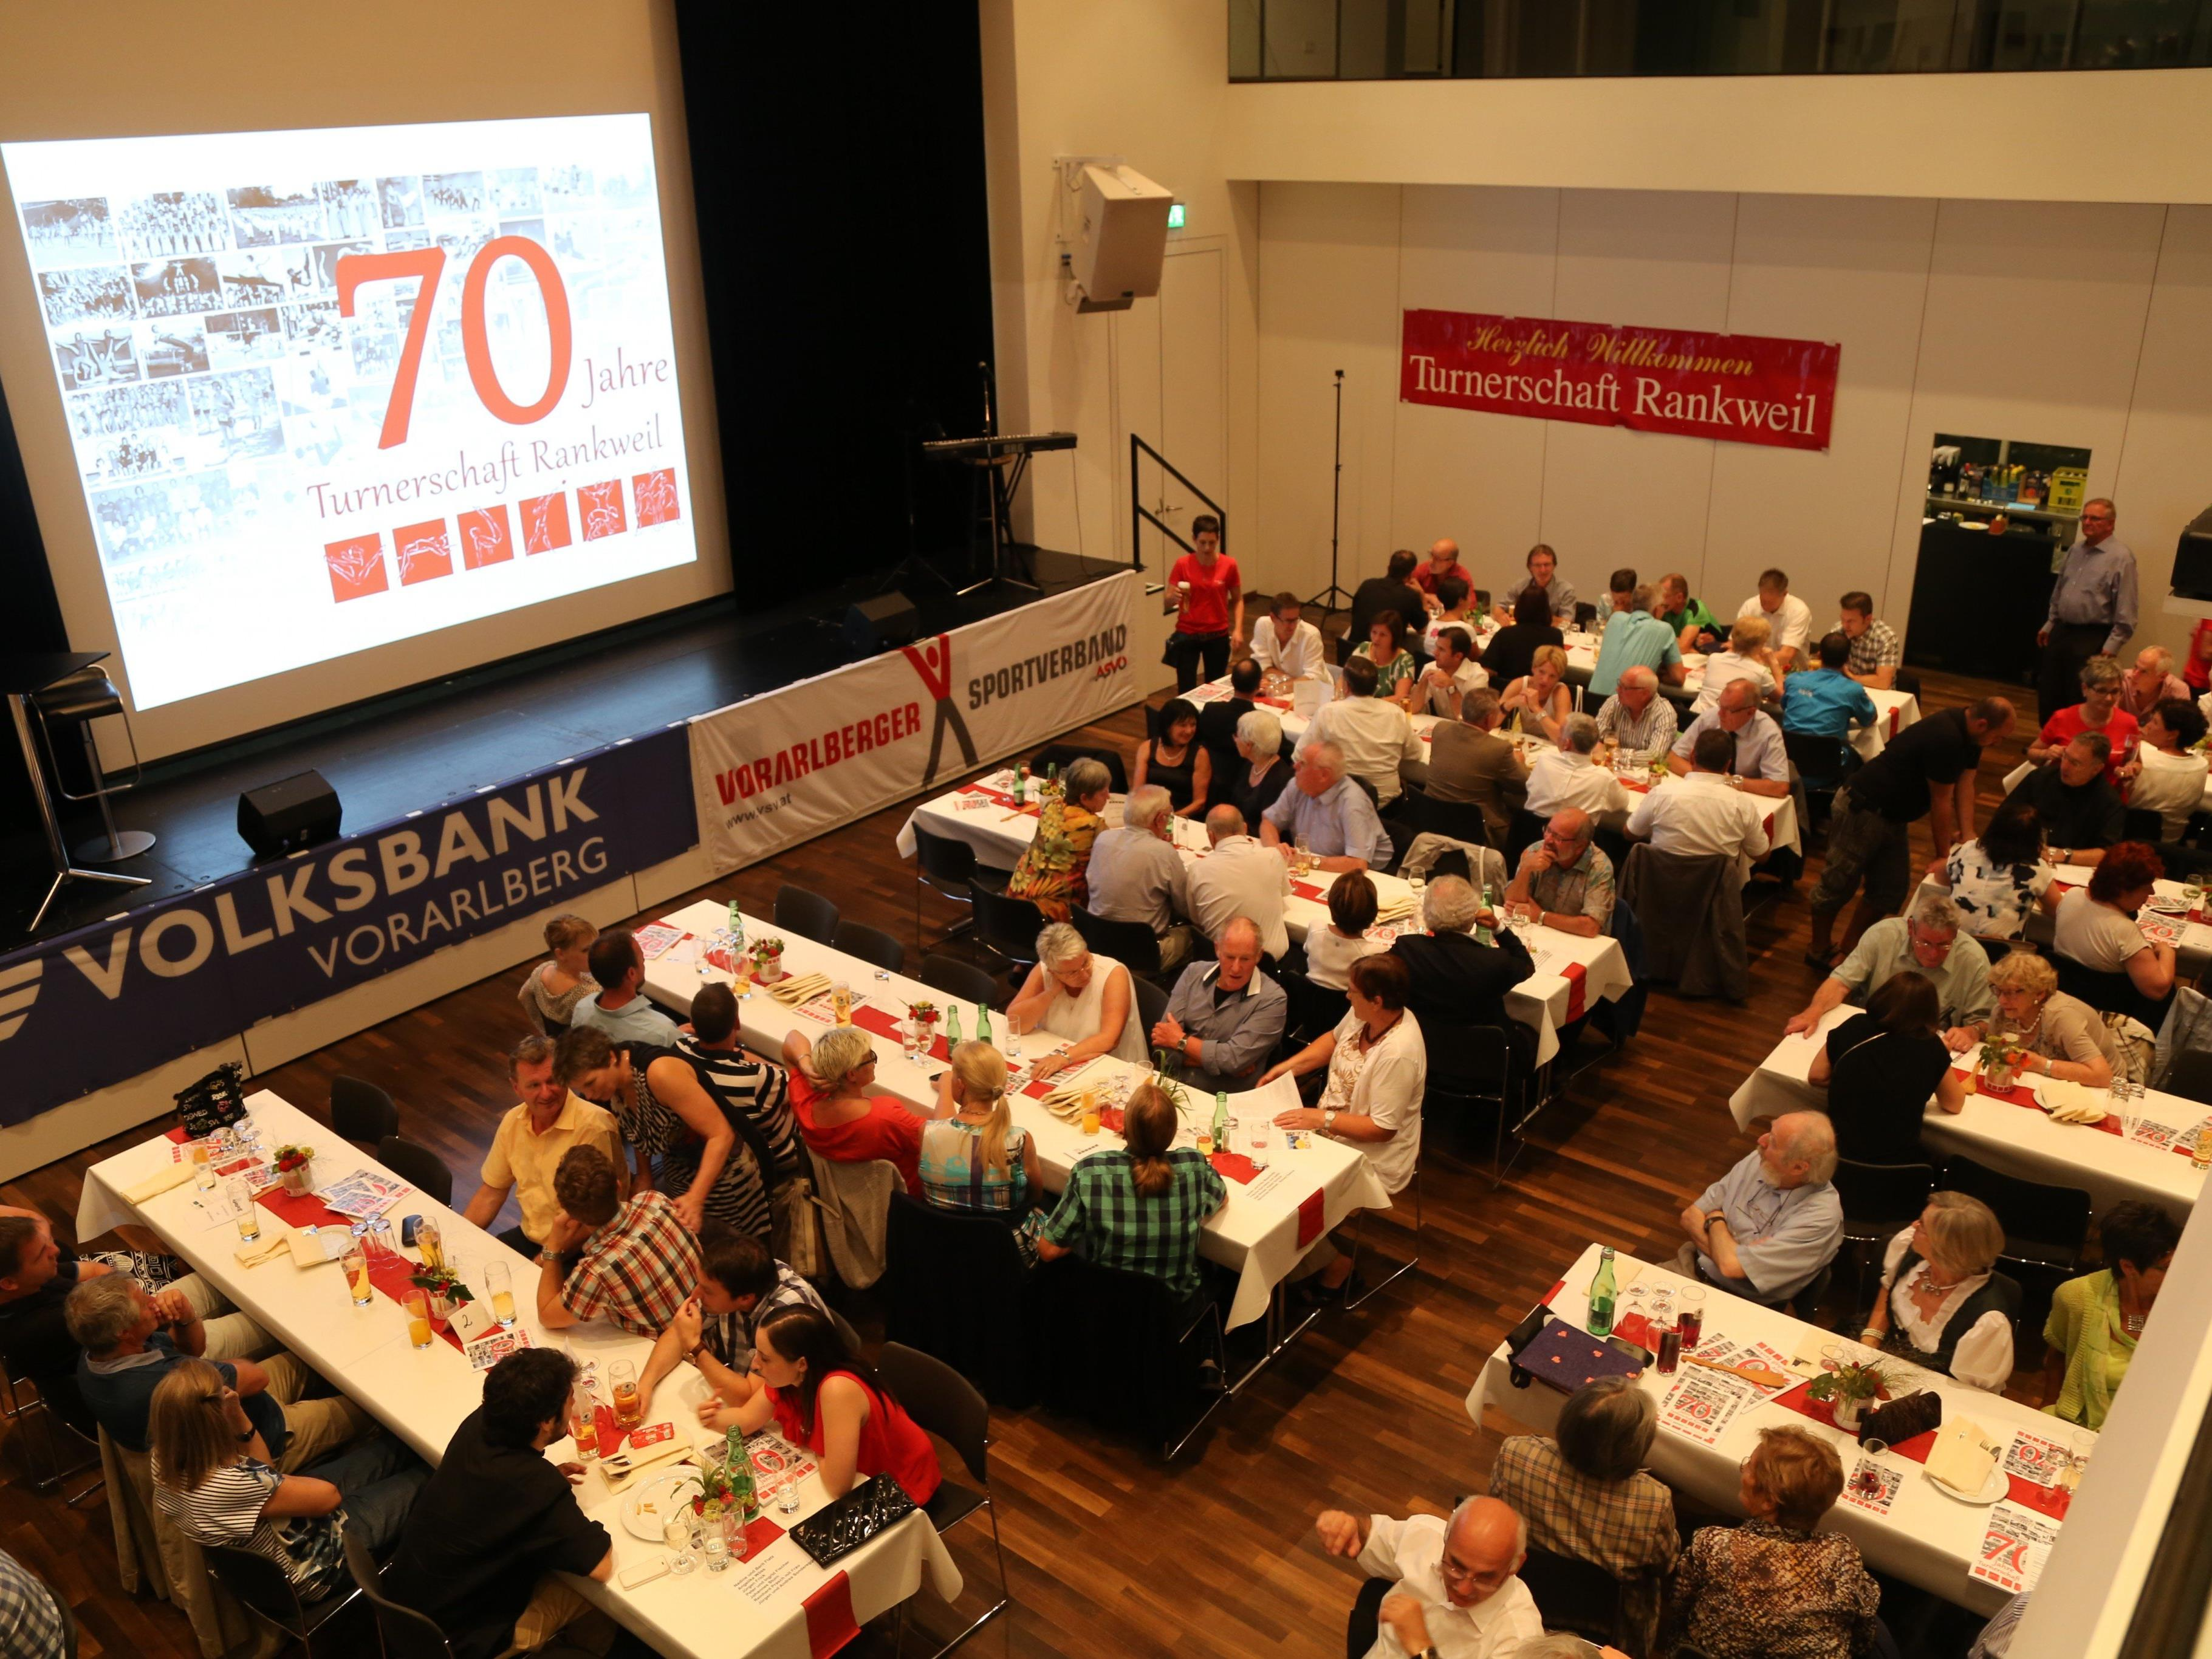 Zahlreiche Gäste waren gekommen, um das 70-jährige Bestehen der Turnerschaft Rankweil zu feiern.